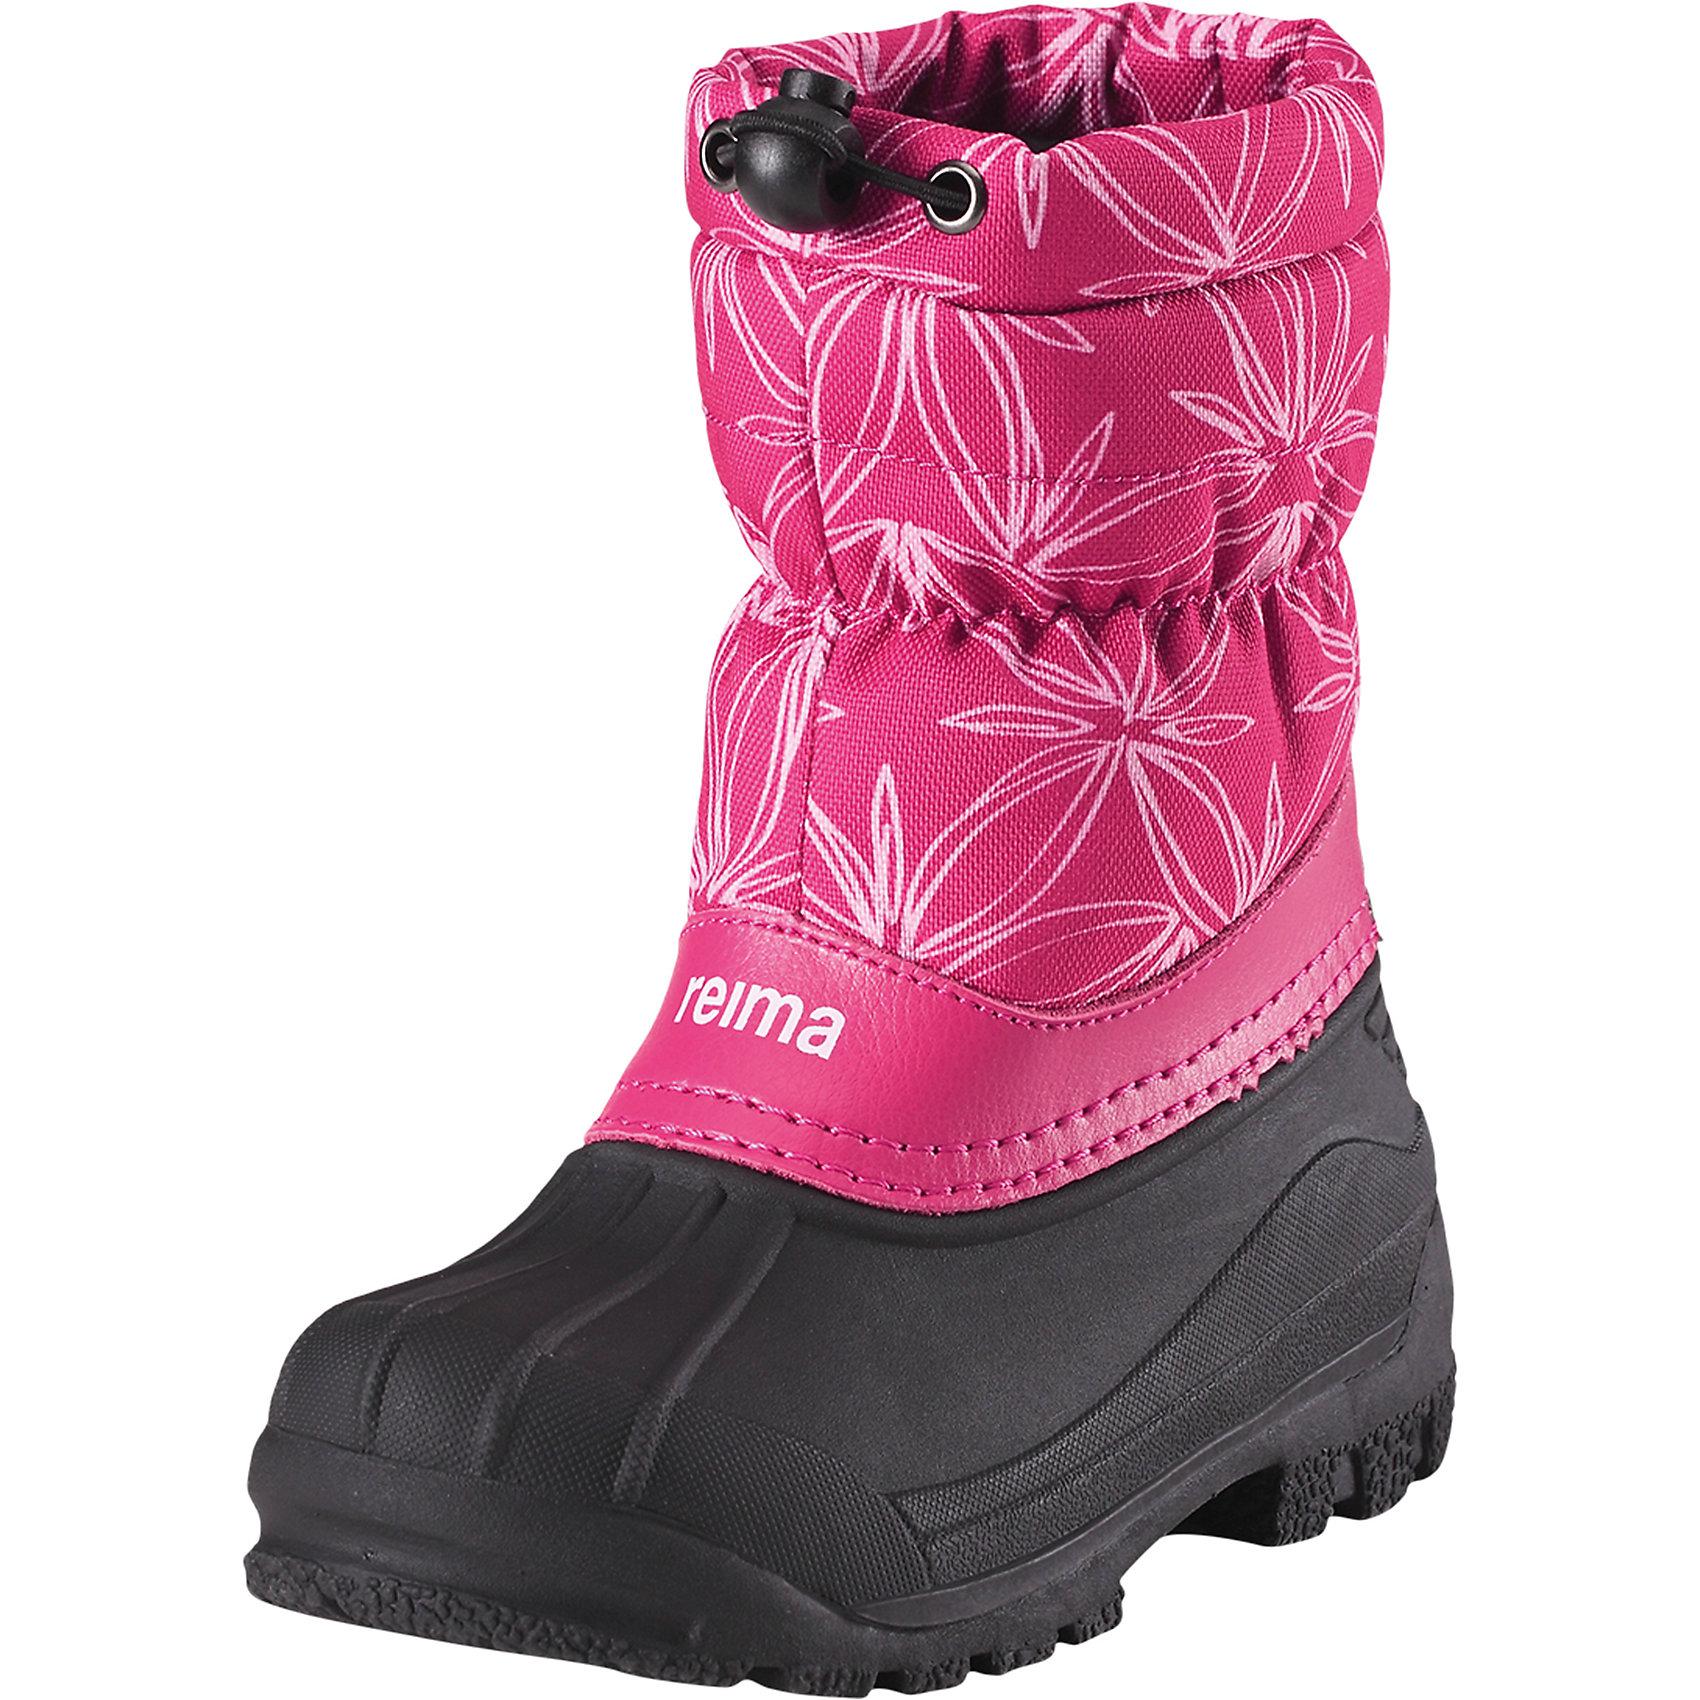 Ботинки Nefar ReimaОбувь<br>Эти детские водоотталкивающие зимние ботинки стали настоящим воплощением классики Reima®. Ботинки защищают ноги от воды не только снизу, но и сверху – галоша сделана из абсолютно непромокаемой и прочной термопластичной резины. Удобное и утепленное голенище тоже не пропускает воду, кроме того, на нем предусмотрена регулируемая защита от снега, которая станет надежным барьером для холода и влаги. Теплая текстильная подкладка согреет ноги во время прогулок в морозную погоду. На заднике имеется светоотражатель, а перед каблуком предусмотрена специальная выемка, позволяющая закреплять штрипки и защищающая их от износа. Эти ботинки легко надевать – полная готовность к активным прогулкам!<br>Состав:<br>Подошва: Термопластичная резина Верх: Полиэстер/Кожа<br><br>Ширина мм: 262<br>Глубина мм: 176<br>Высота мм: 97<br>Вес г: 427<br>Цвет: розовый<br>Возраст от месяцев: 96<br>Возраст до месяцев: 108<br>Пол: Унисекс<br>Возраст: Детский<br>Размер: 35,24,25,26,27,28,29,30,31,32,33,34<br>SKU: 6904880